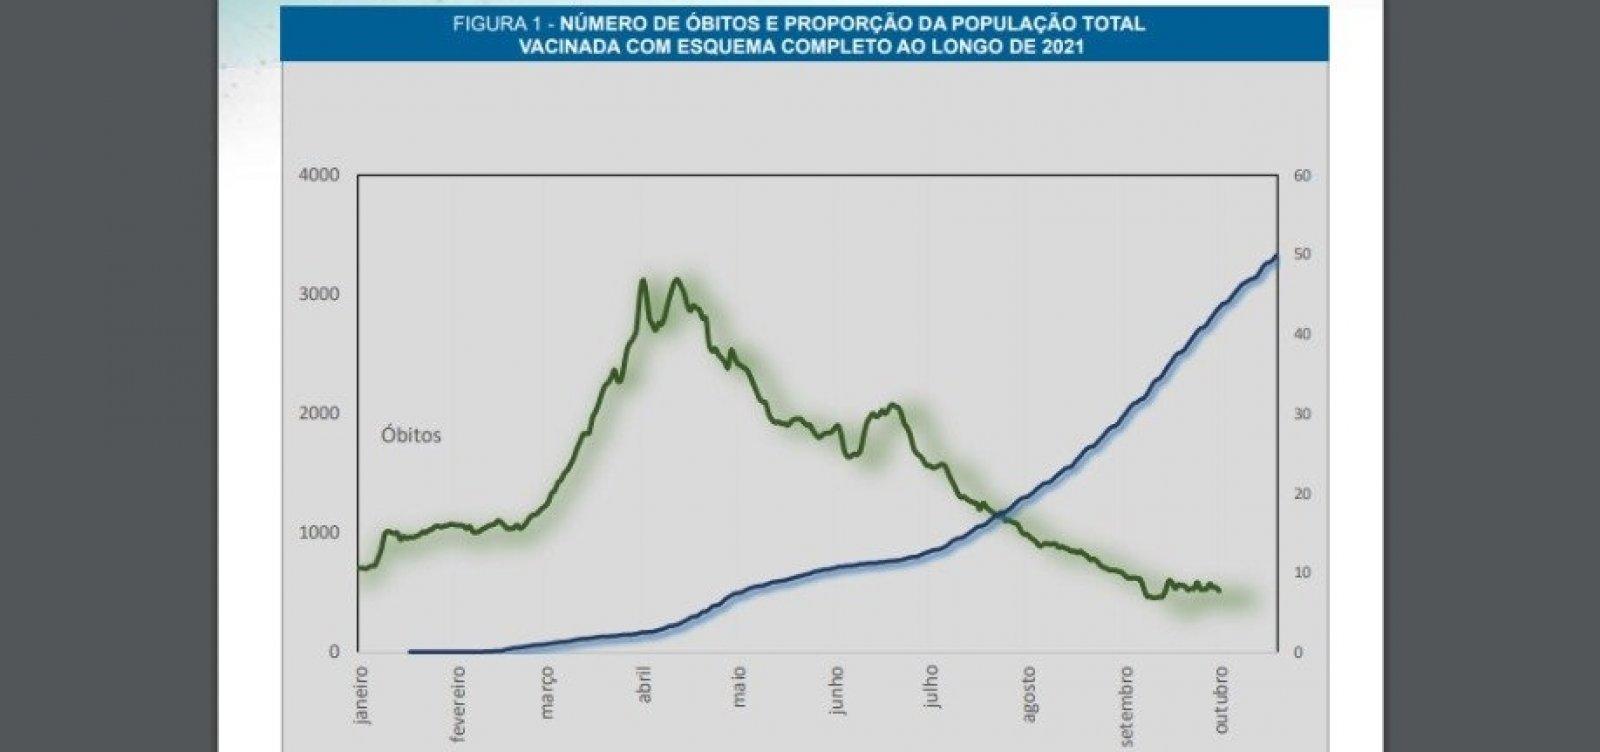 Consequência da vacinação, transmissão da Covid-19 está em queda no Brasil, indica Fiocruz